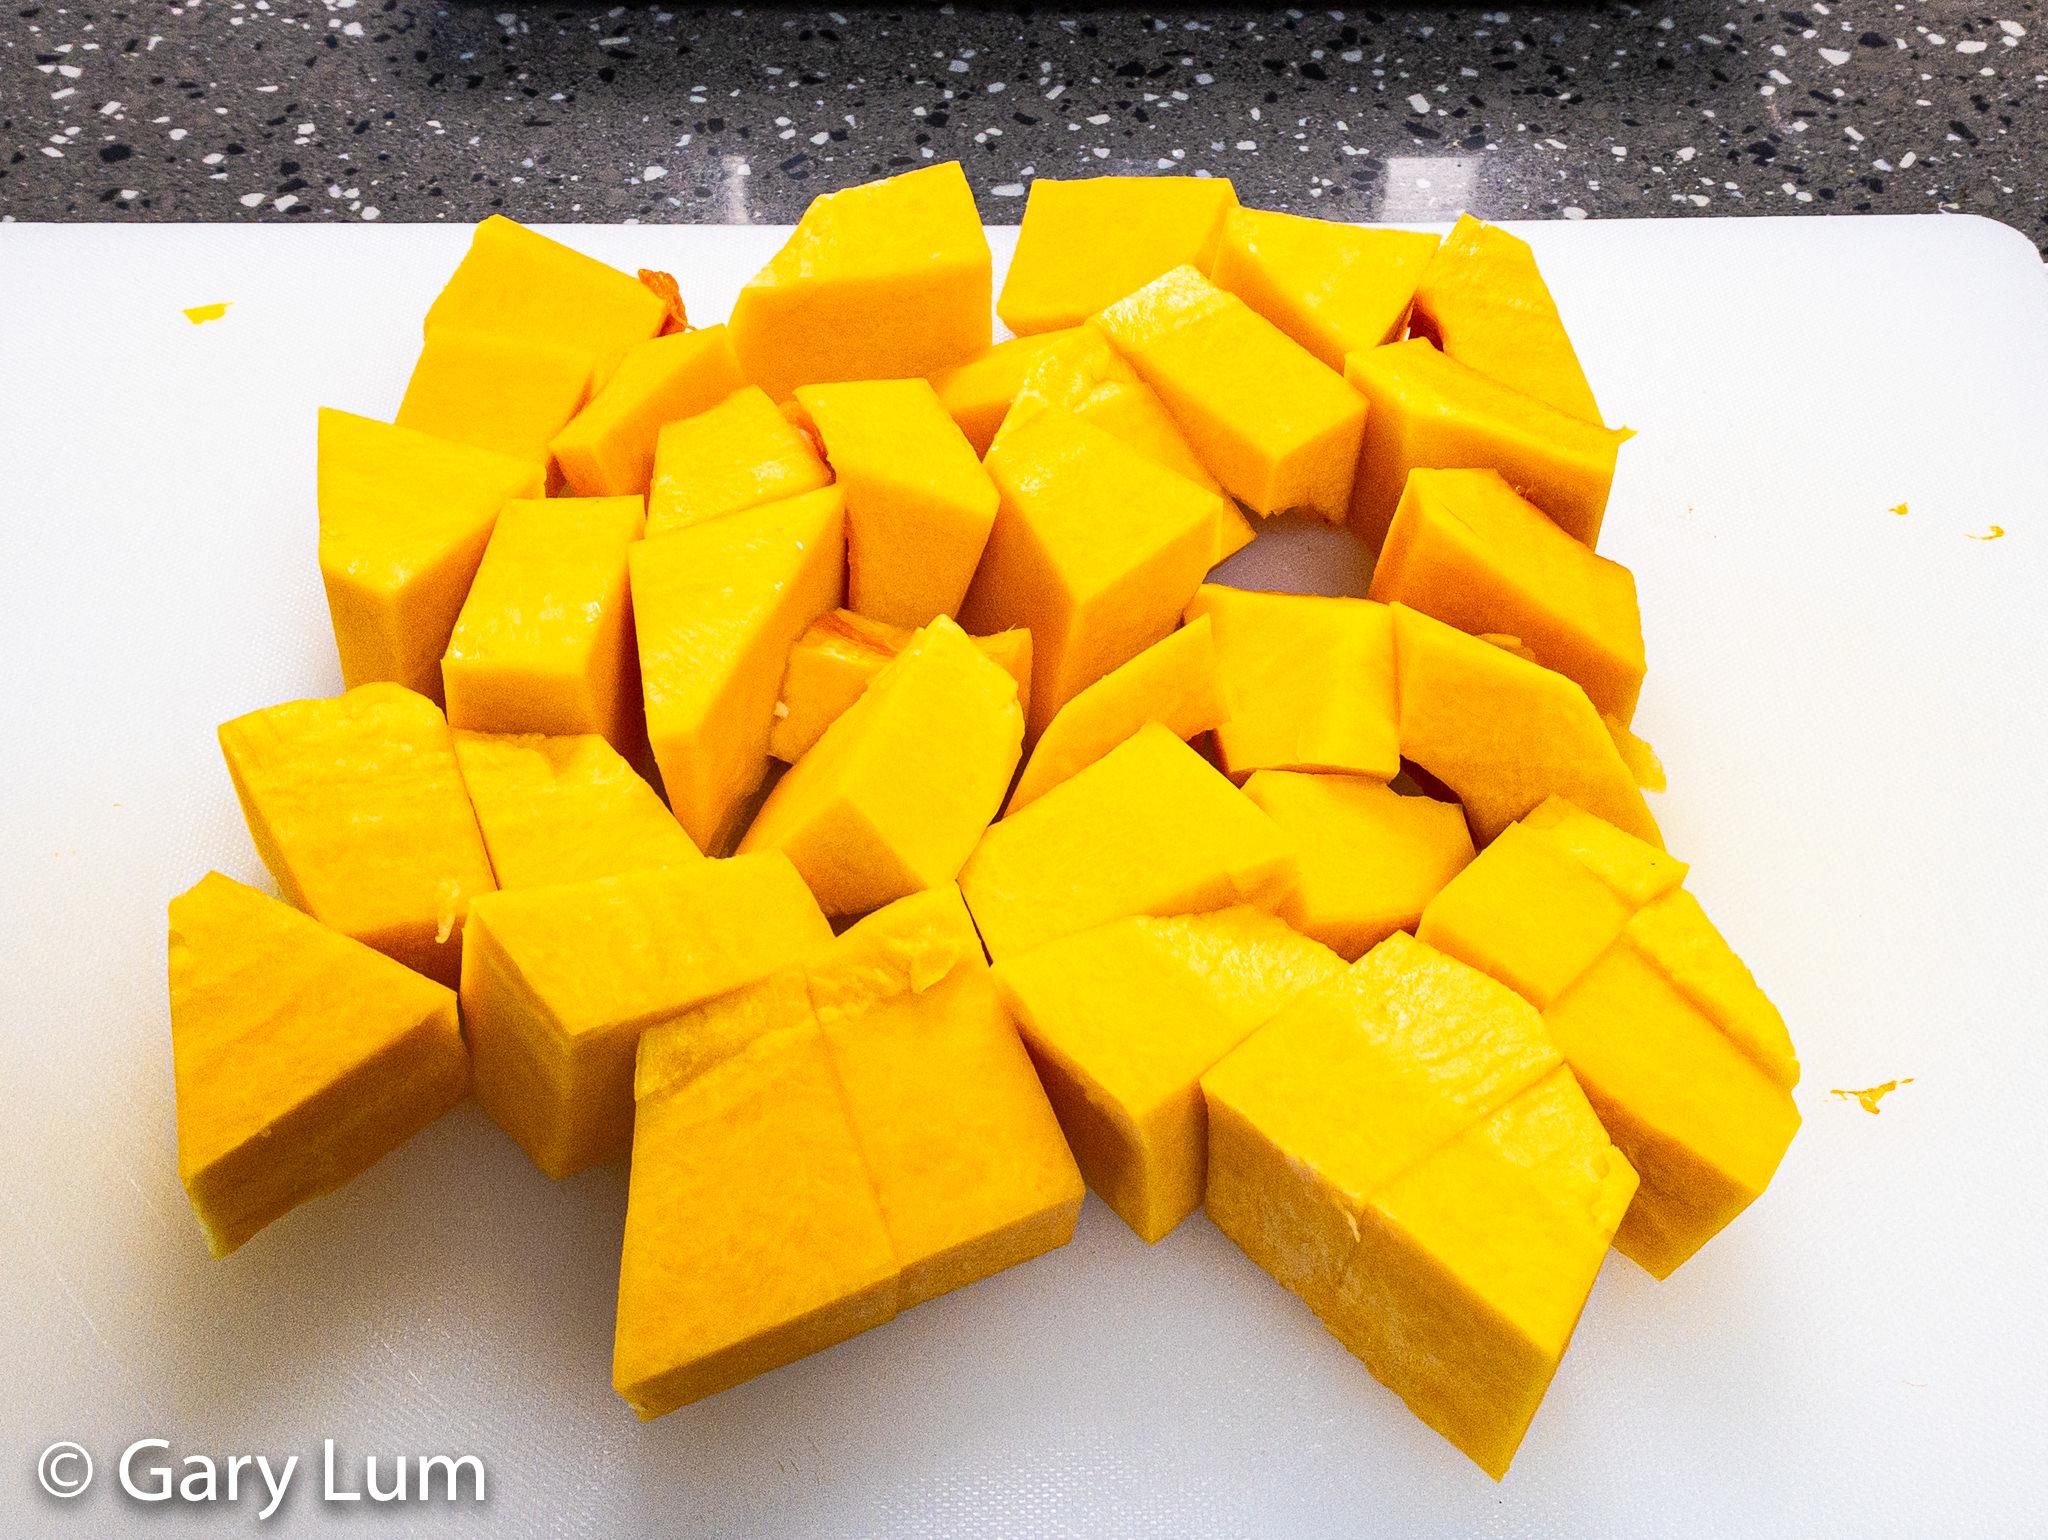 Butternut pumpkin diced